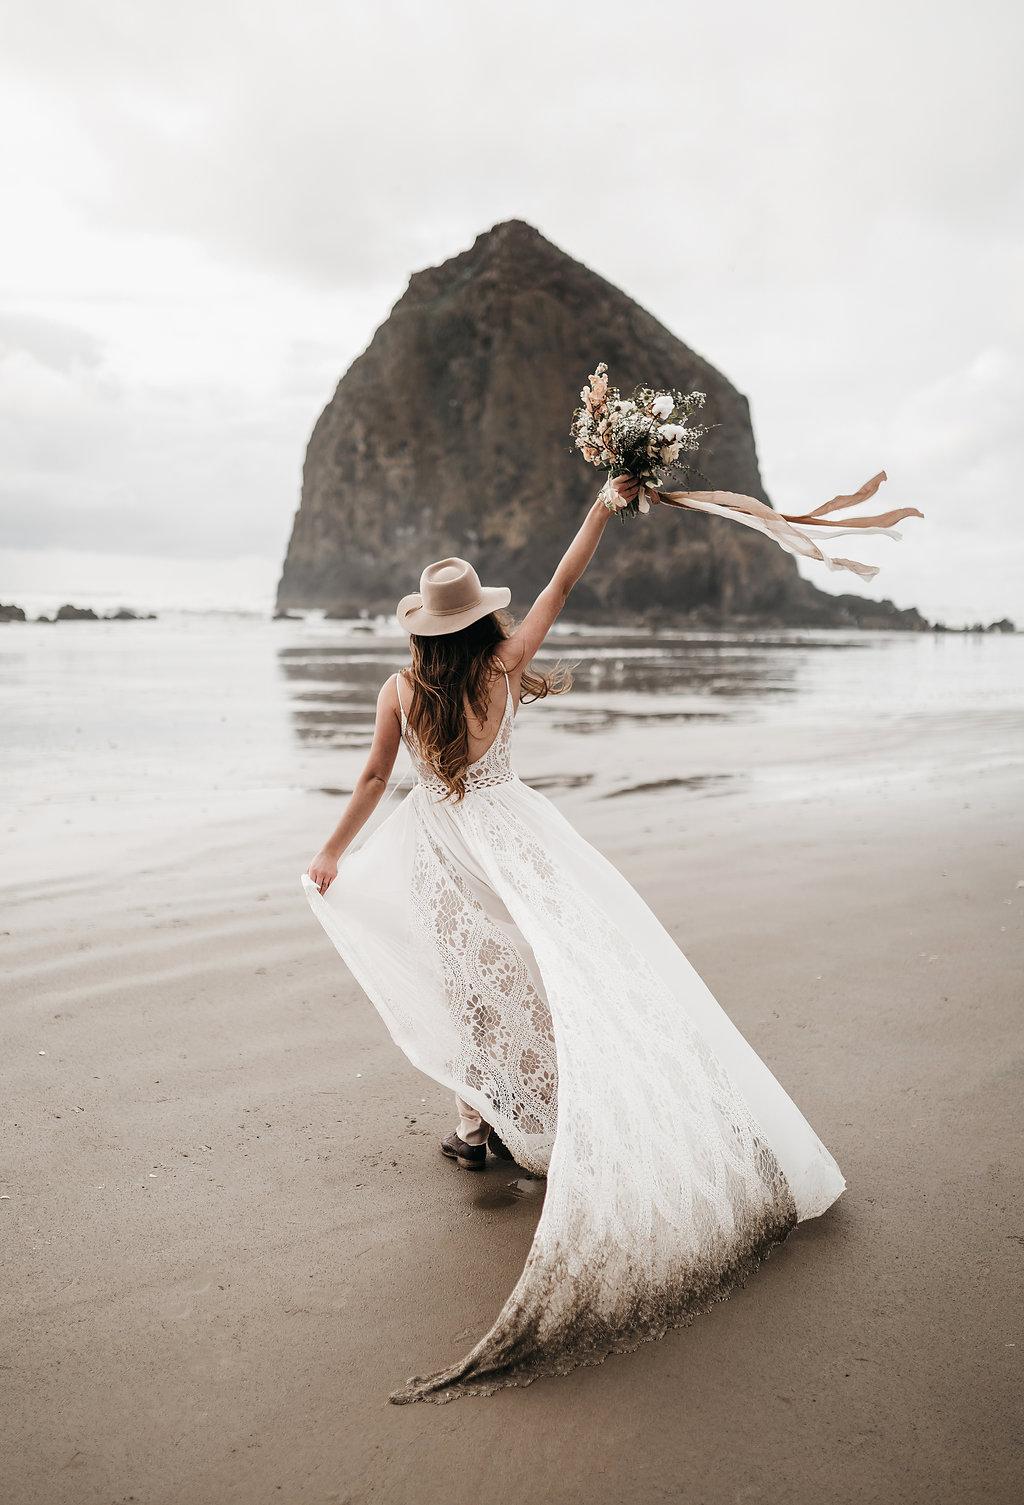 2018_April12-canon-beach-bridals-2-edited.jpg